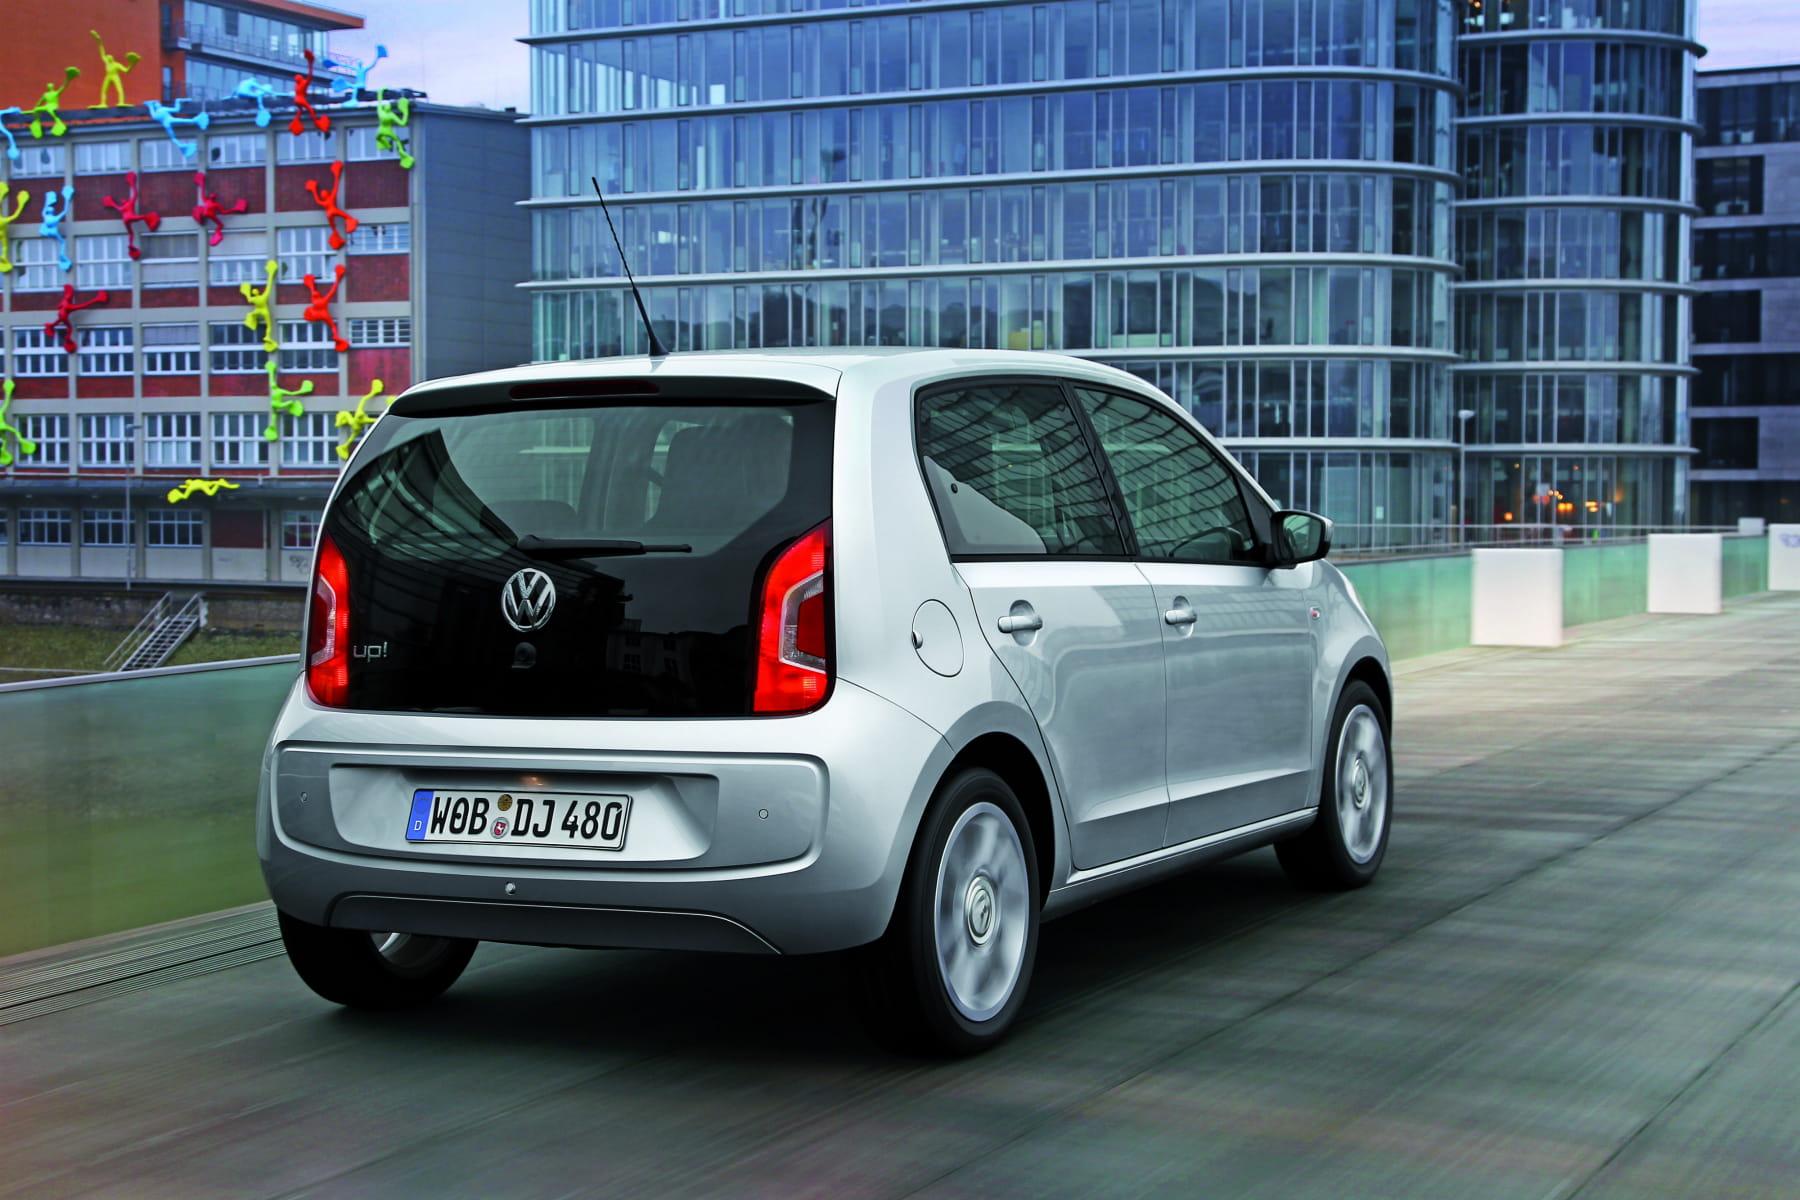 volkswagen up 338 euros assurance auto les voitures les moins ch res linternaute. Black Bedroom Furniture Sets. Home Design Ideas